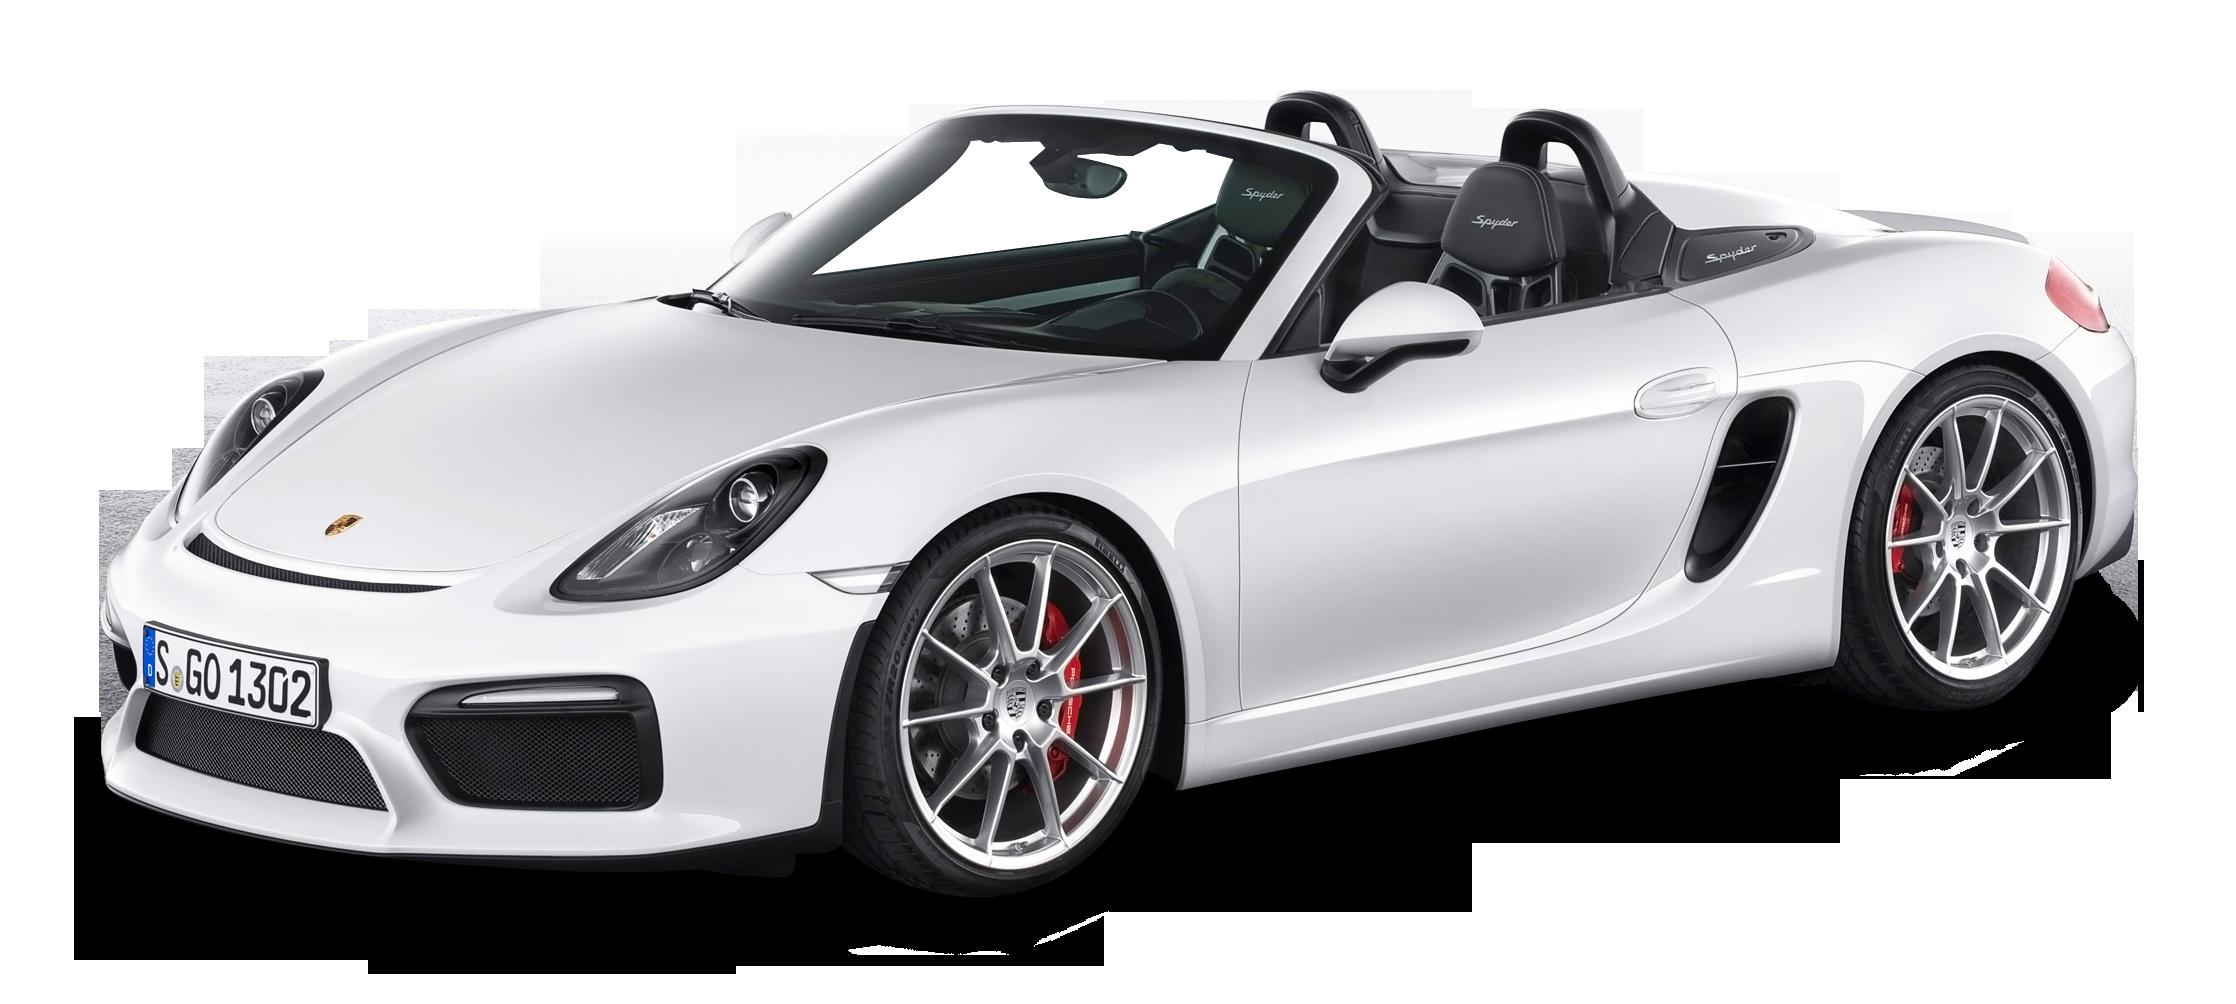 White Porsche Boxster Spyder Car